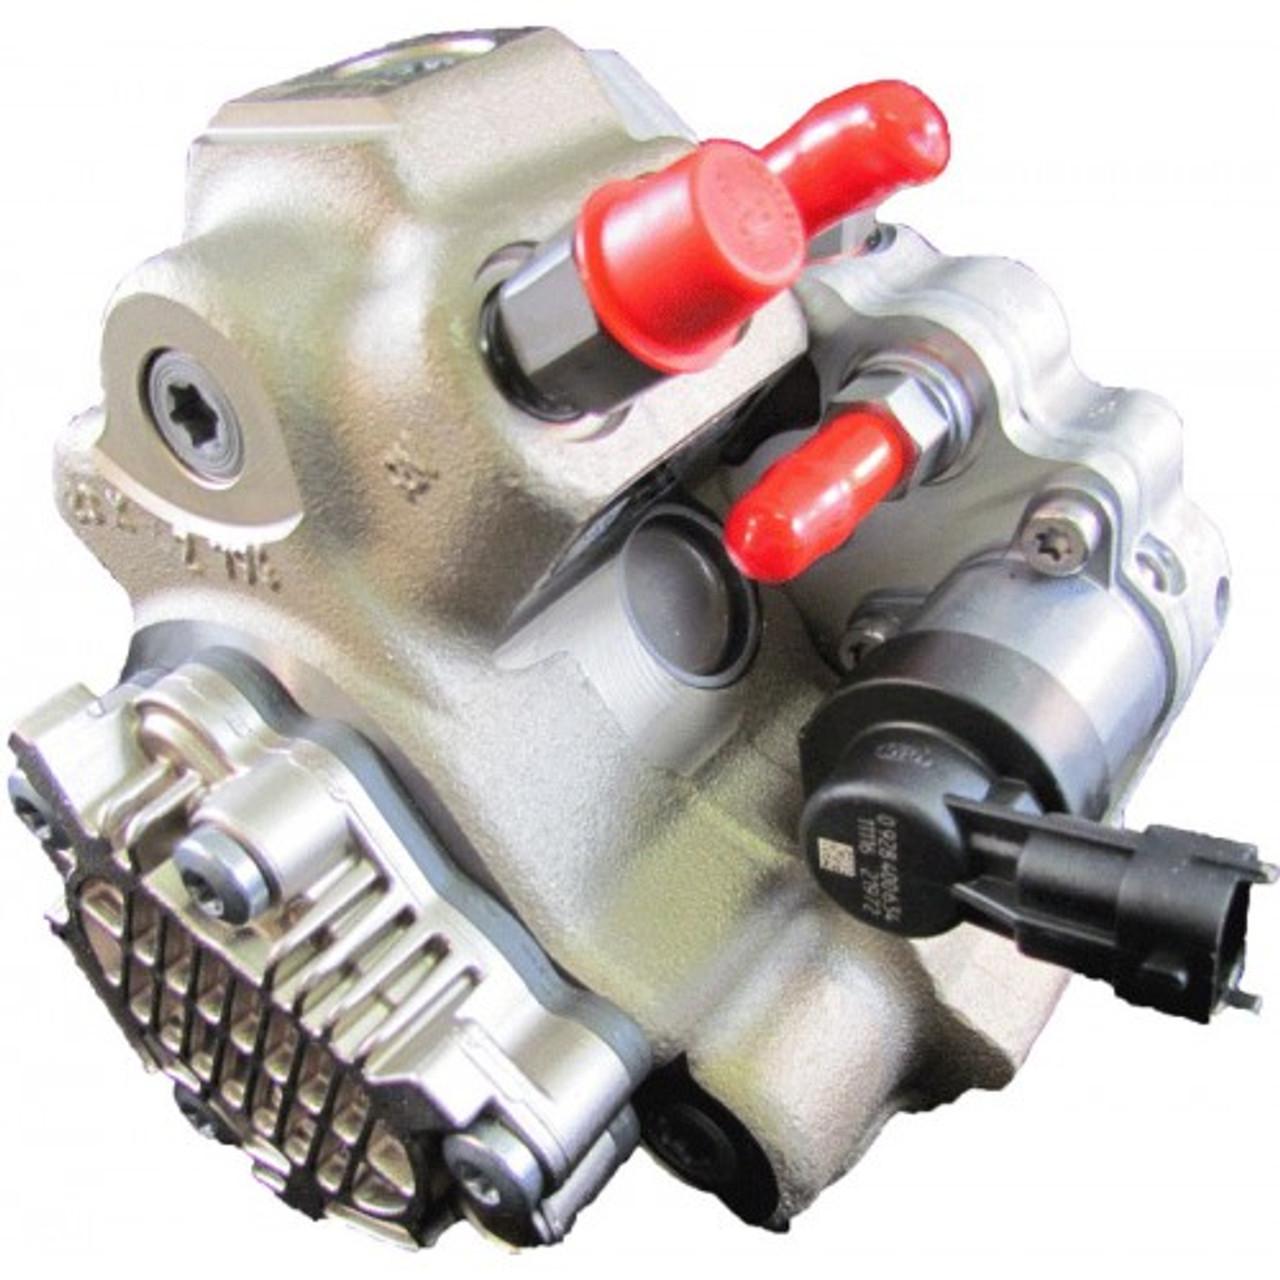 Exergy CP3 pump